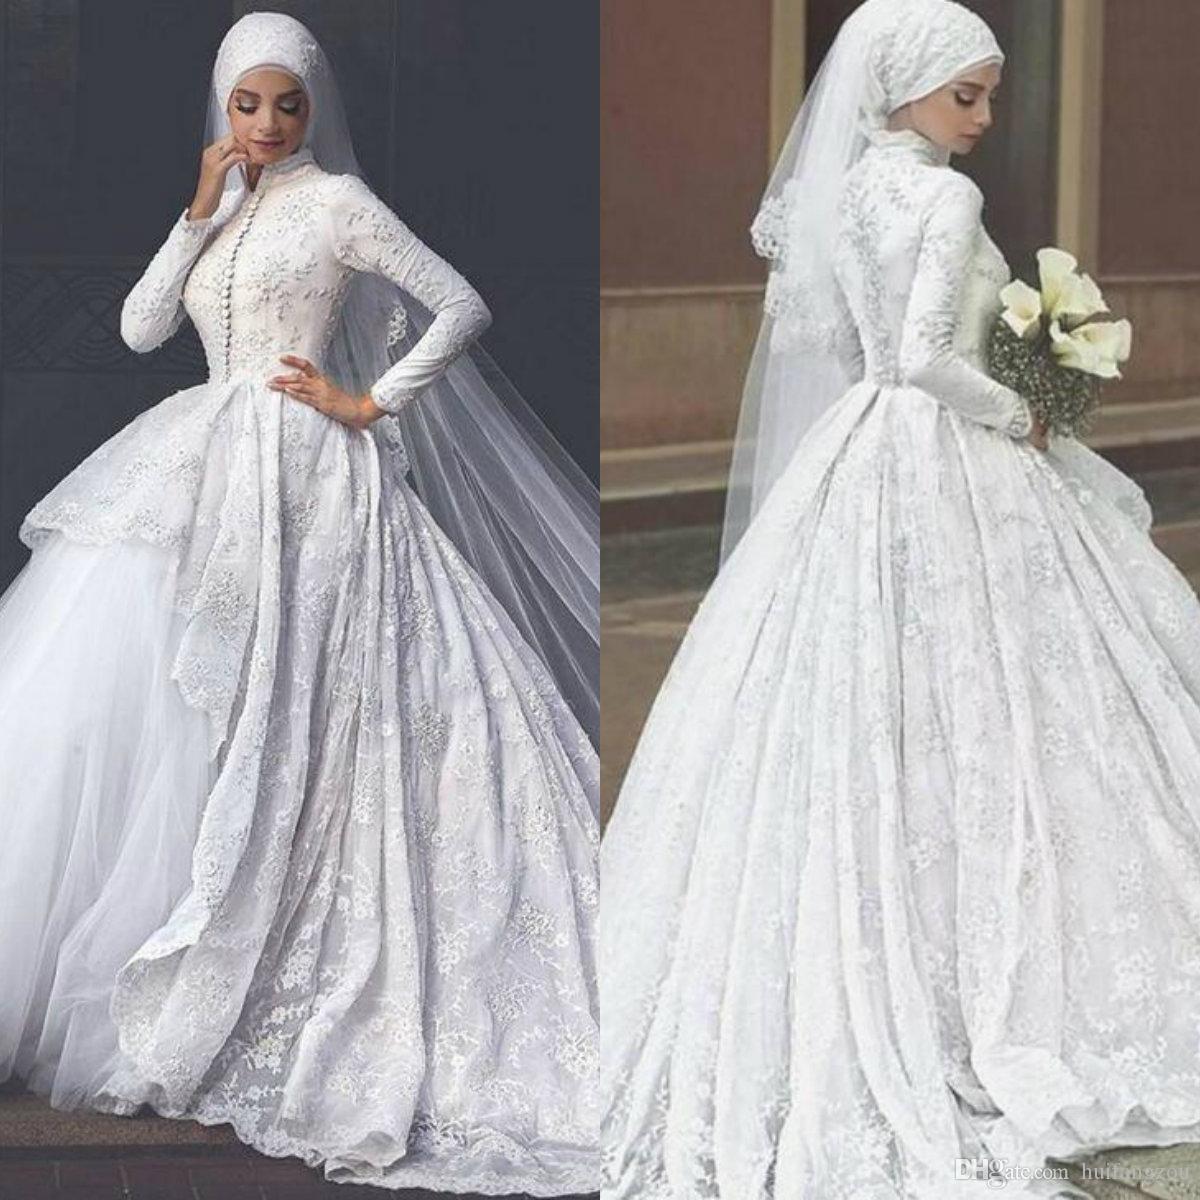 66980a1a5db0 Acquista 2019 Modest Abito Da Sposa Musulmano Collo Alto Pizzo Applique  Maniche Lunghe In Raso Tulle Abiti Da Sposa Con 3 Metri Hijab A  318.99 Dal  ...